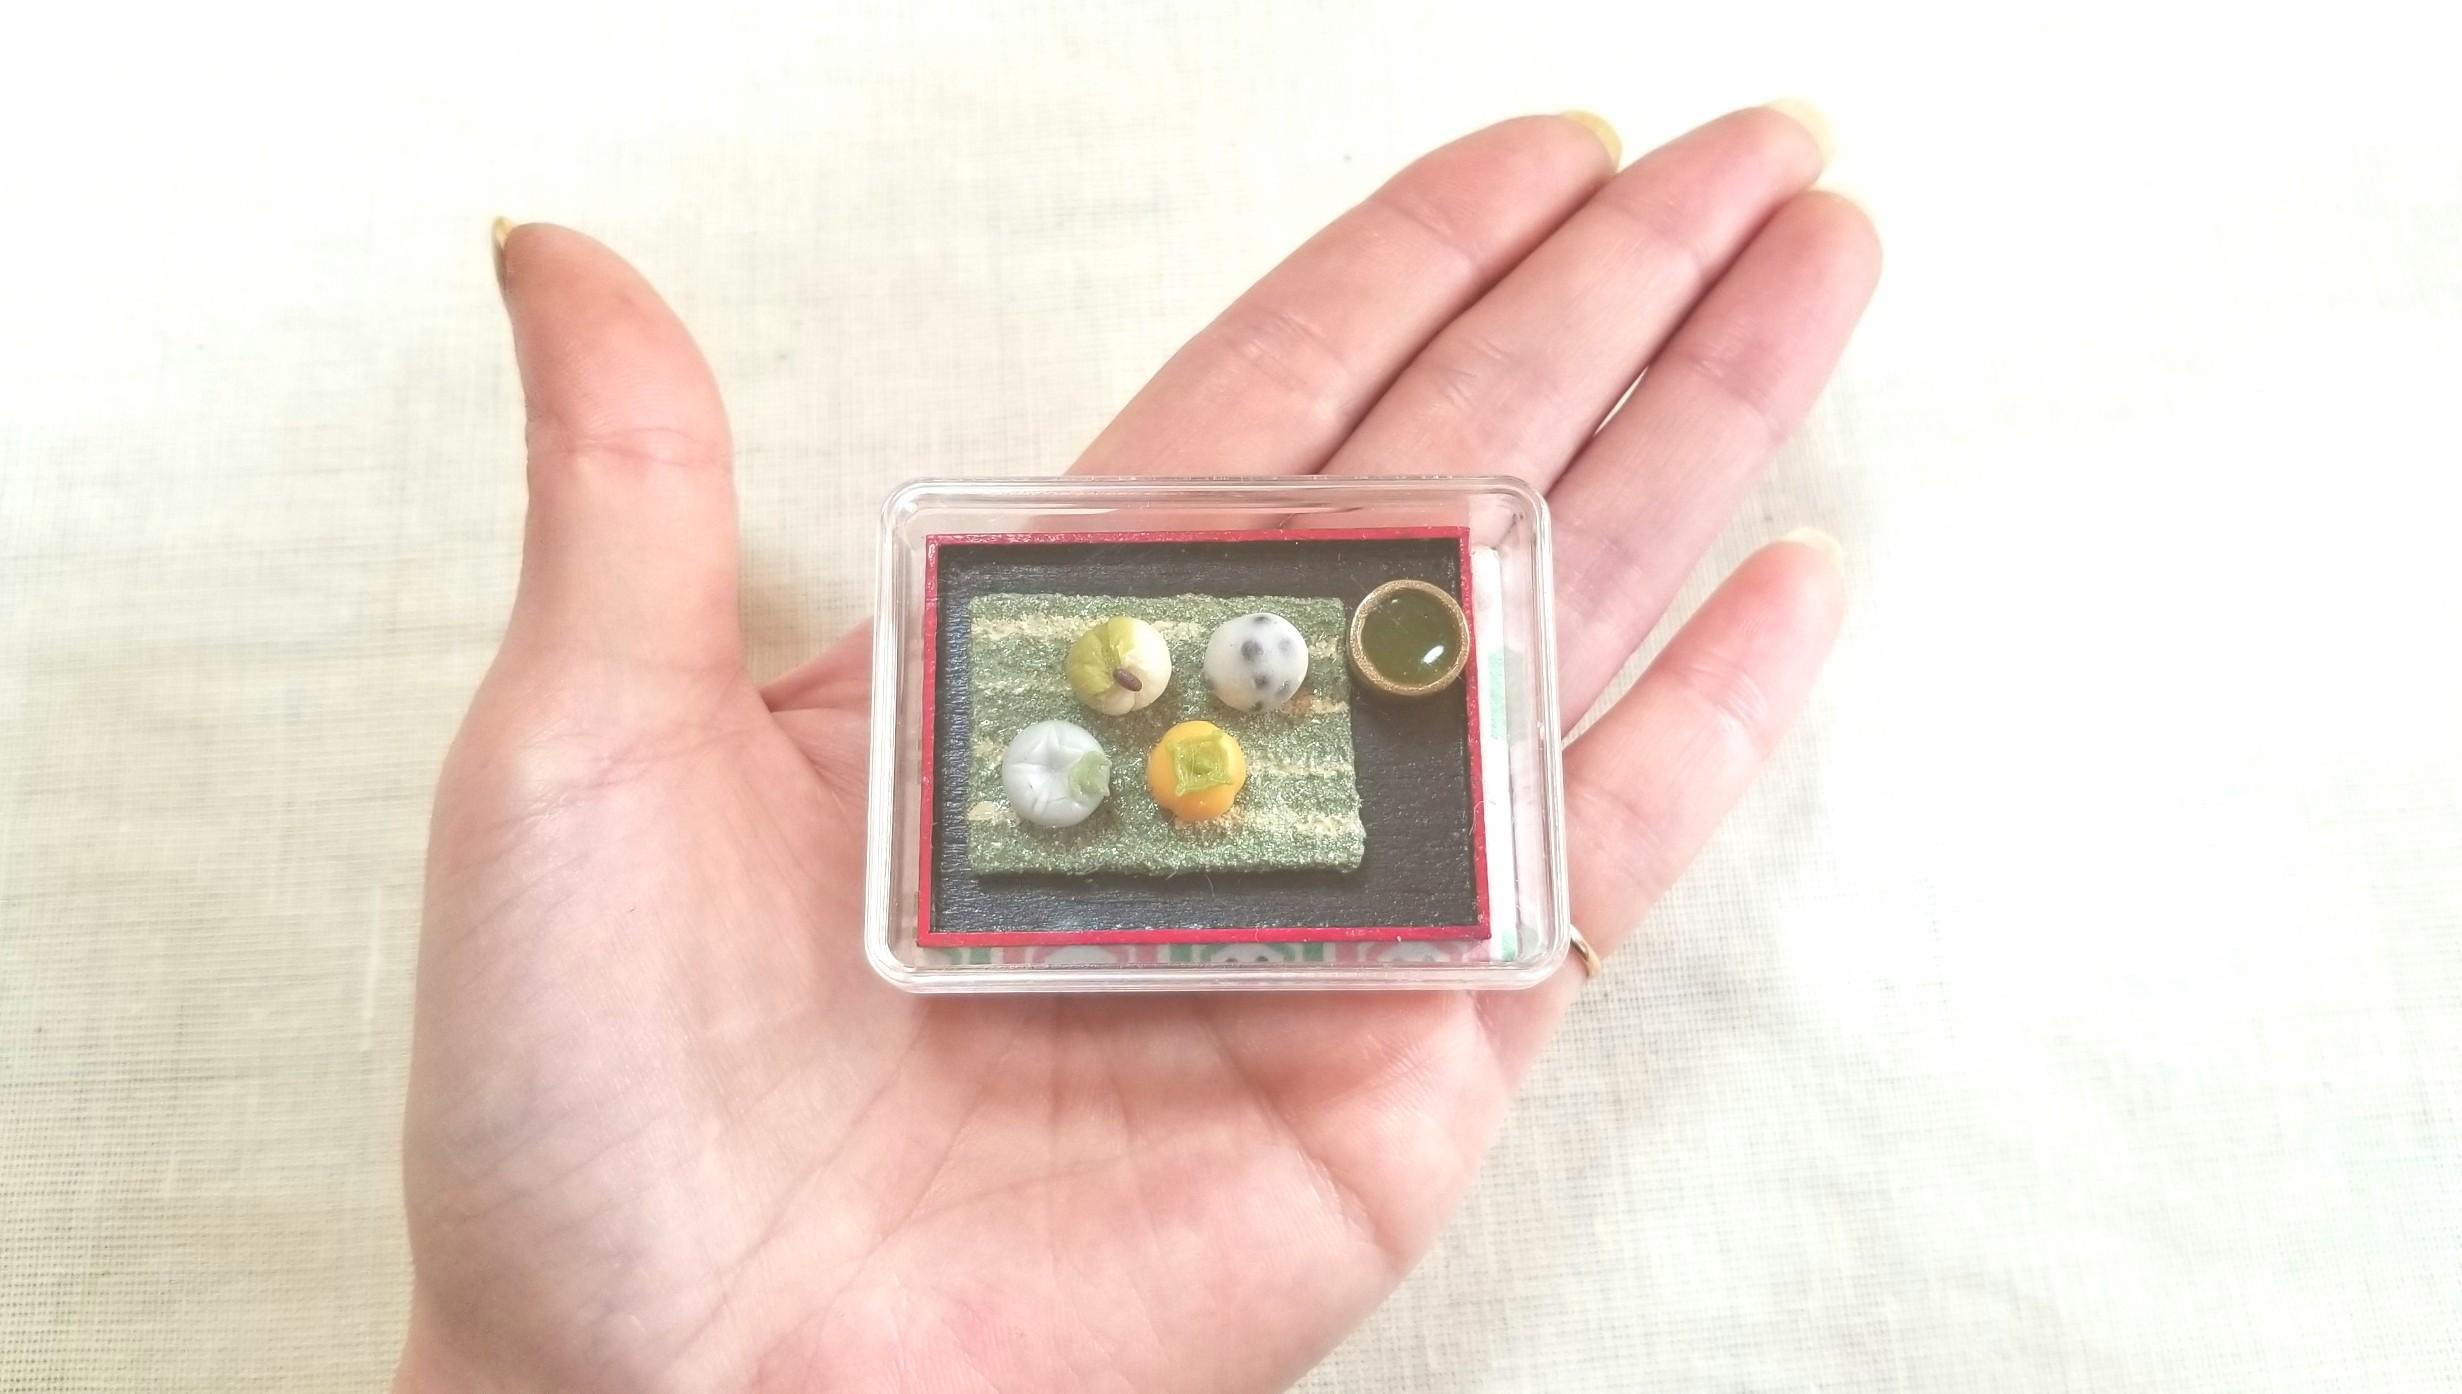 かわいいドール小物おもちゃ,おすすめ商品,ミンネで販売中,生和菓子